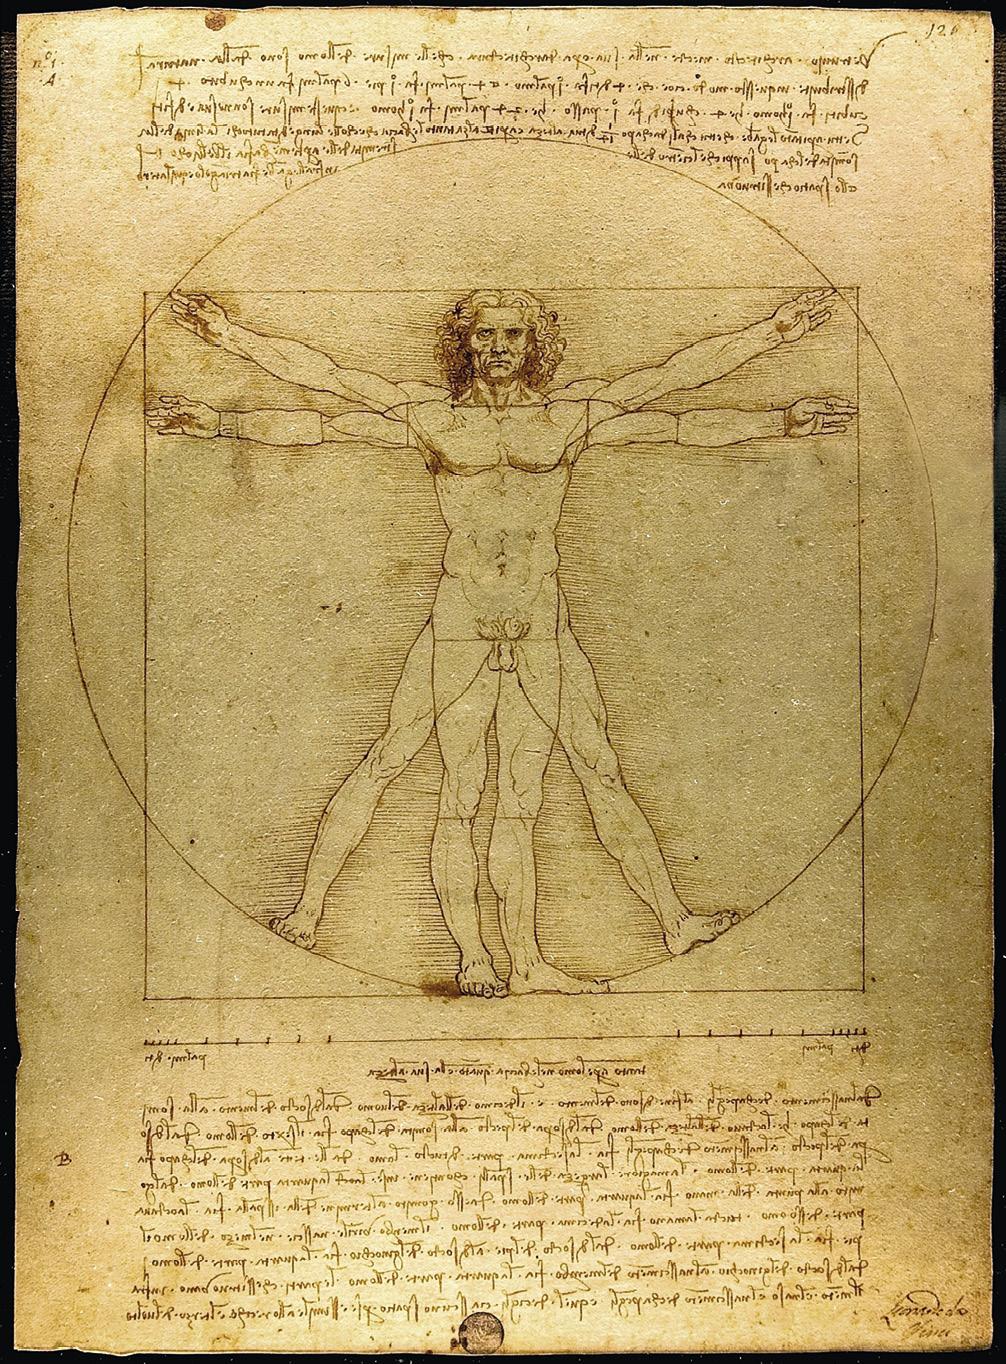 O Homem Vitruviano, desenho famoso pelo estudo das proporções. Faz parte das notas do artista feitas por volta do ano de 1490 num dos seus diários.